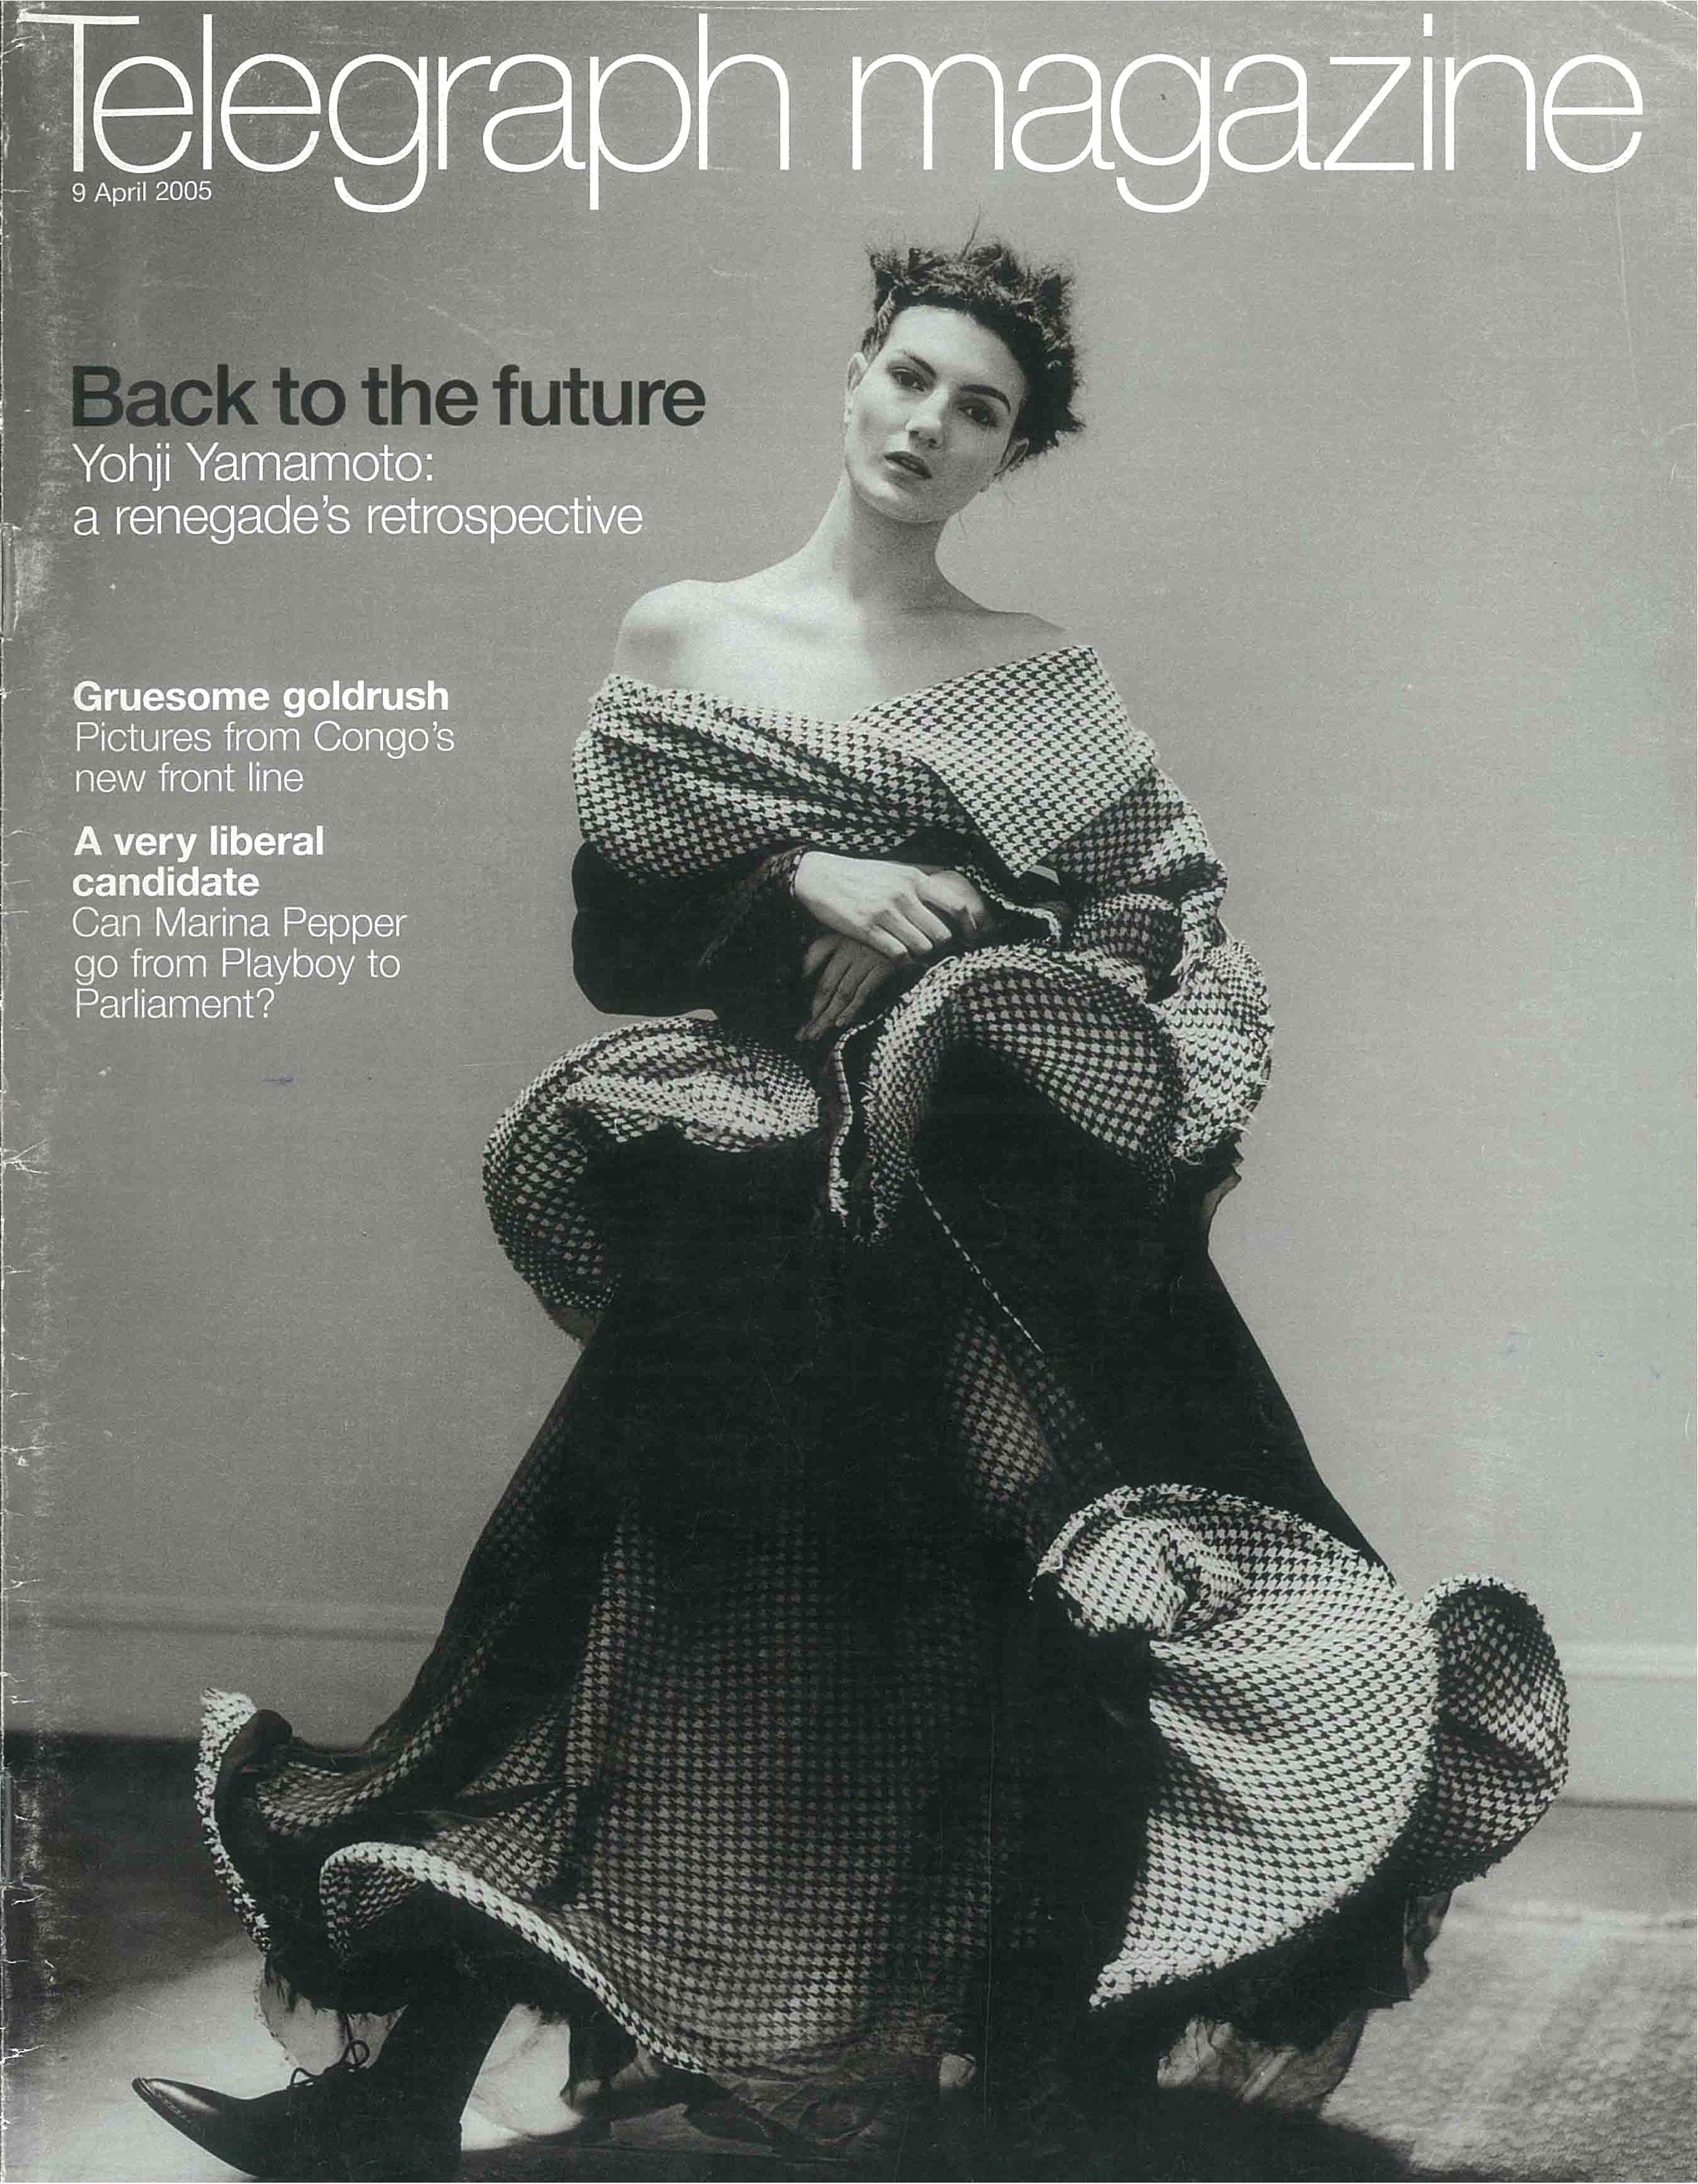 Telegraph Magazine, April 2005 - Regents Park